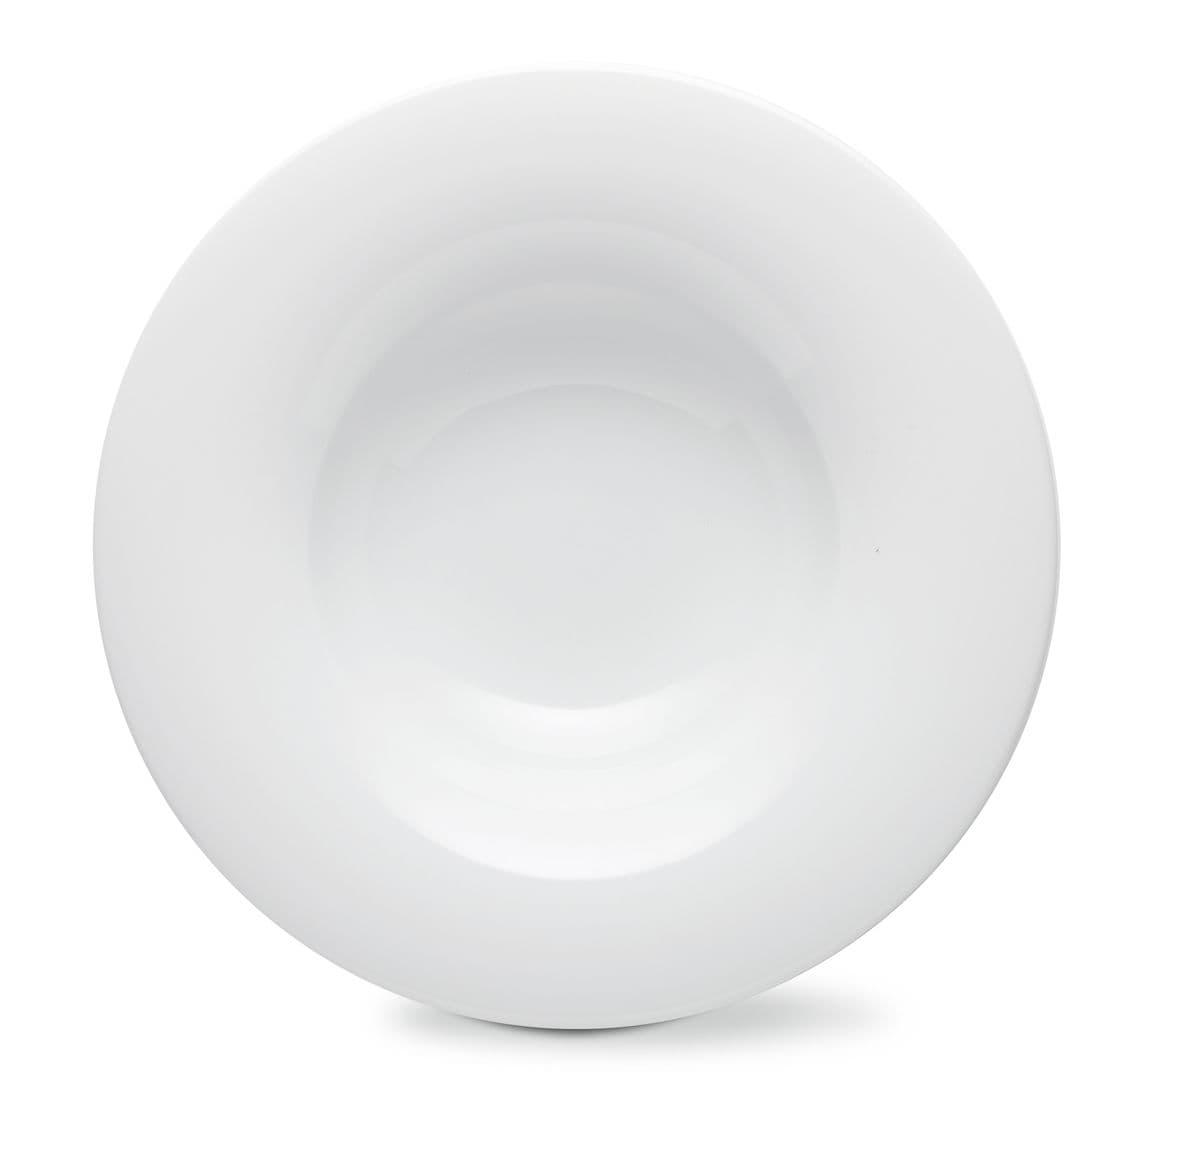 Cucina & Tavola COOL Piatto per pasta Piatti